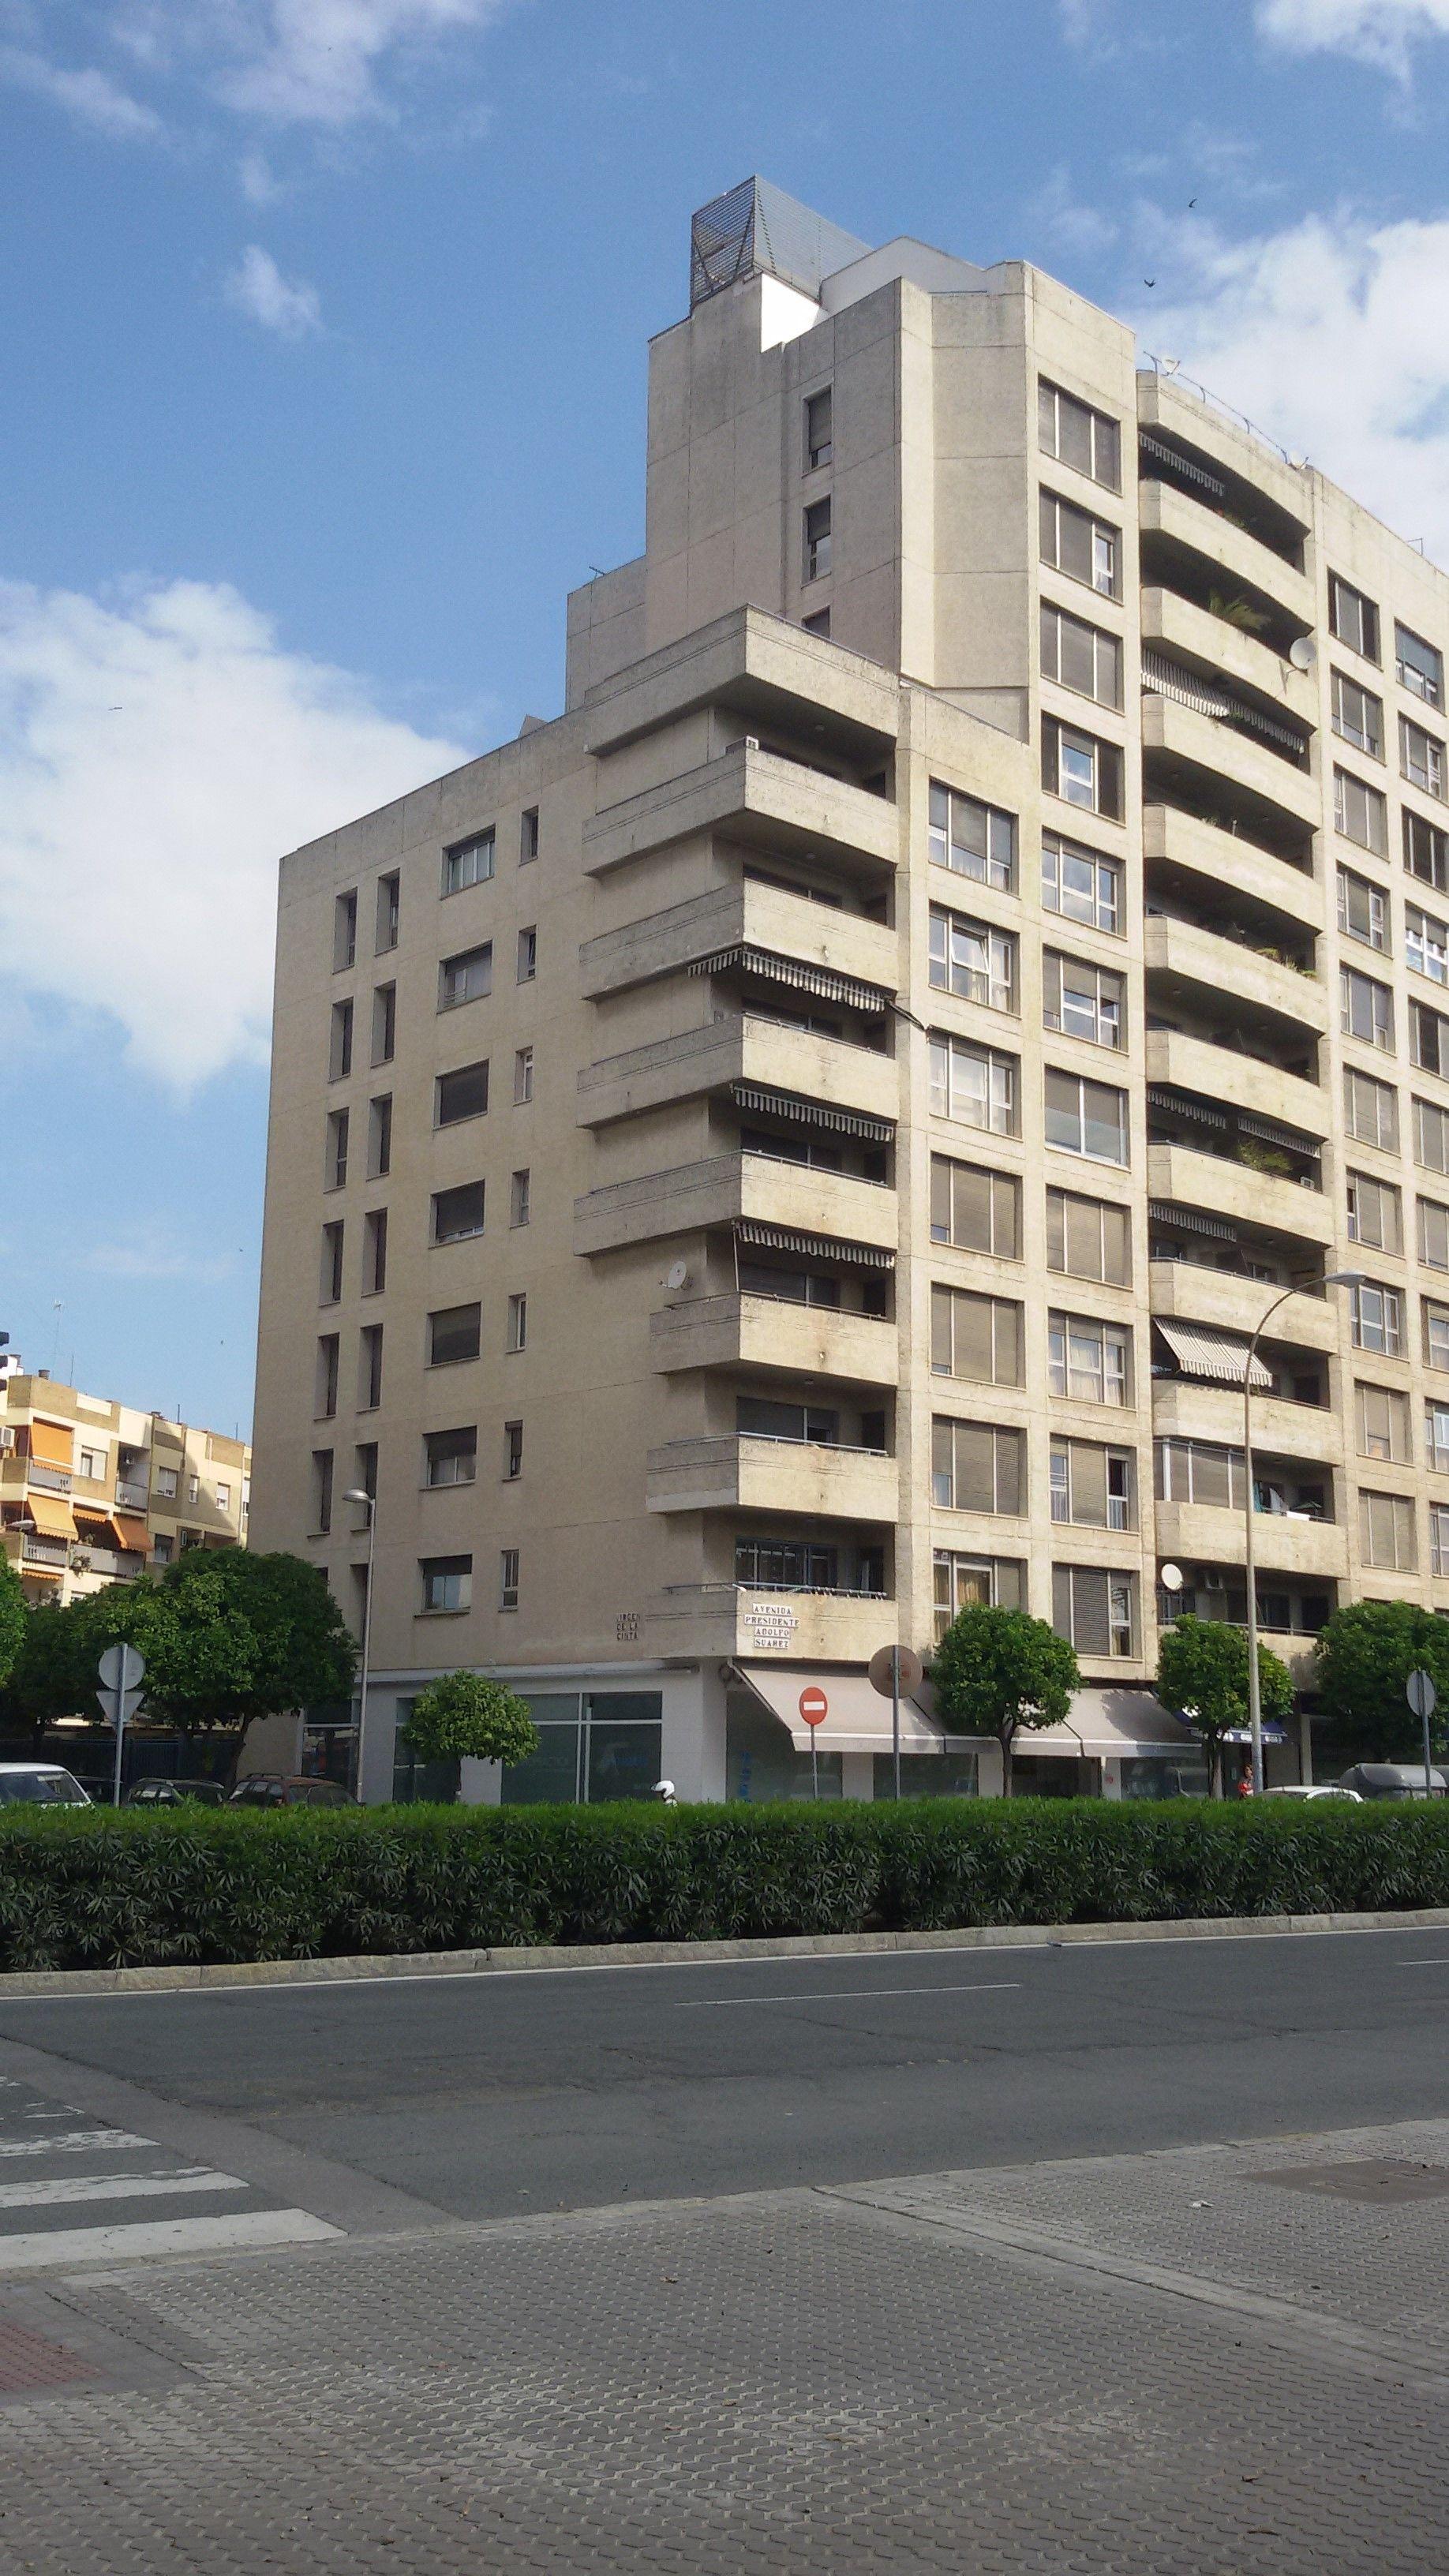 Primer encuadre urbano; edificio con dos puntos de fuga. Perspectiva ...